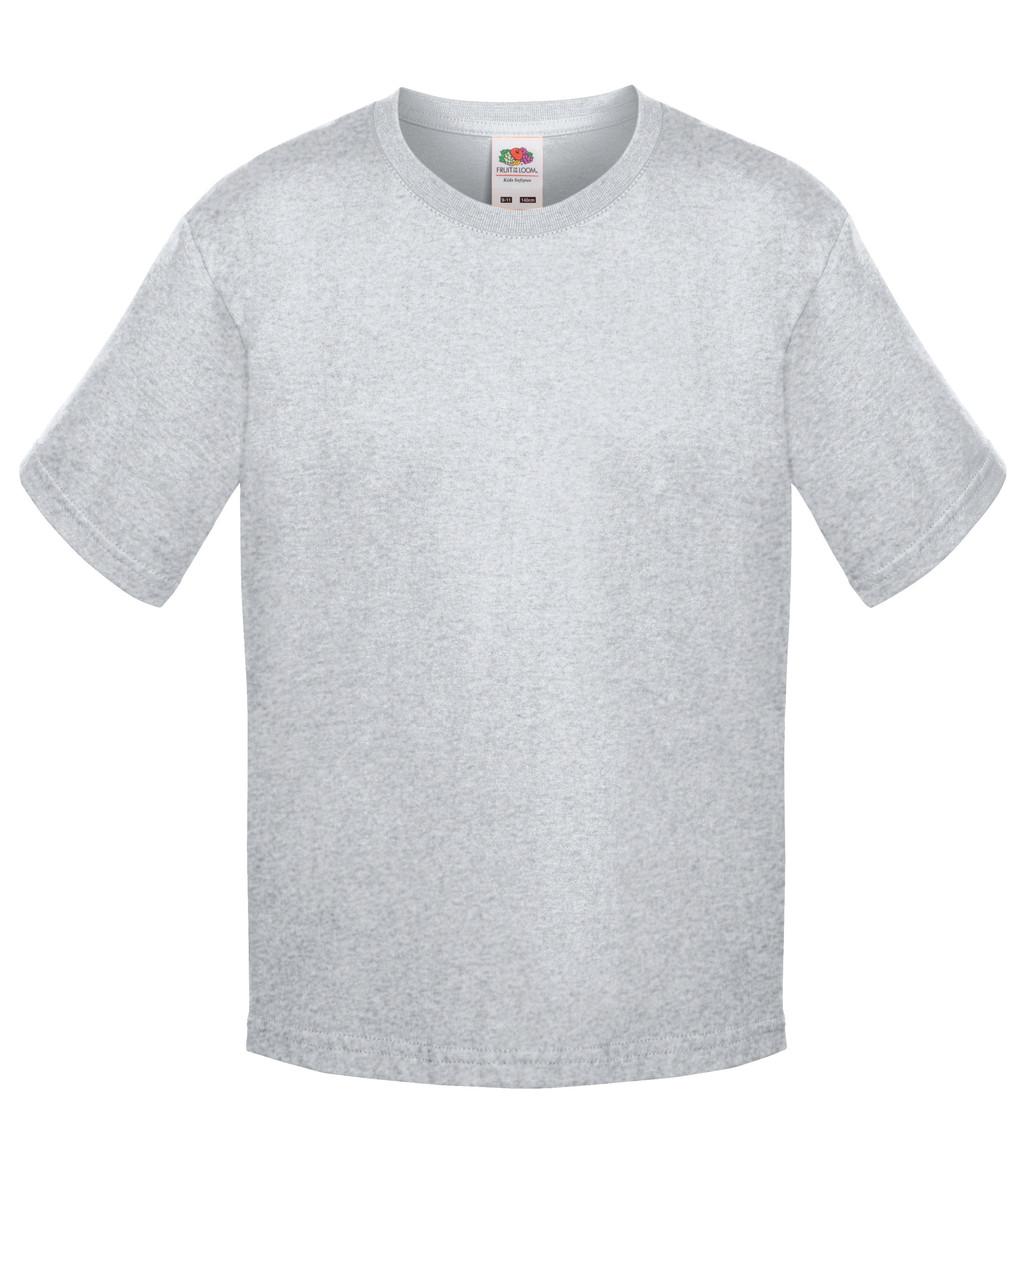 Детская футболка Мягкая для Мальчиков Серо-лиловая Fruit of the loom 61-015-94 9-11